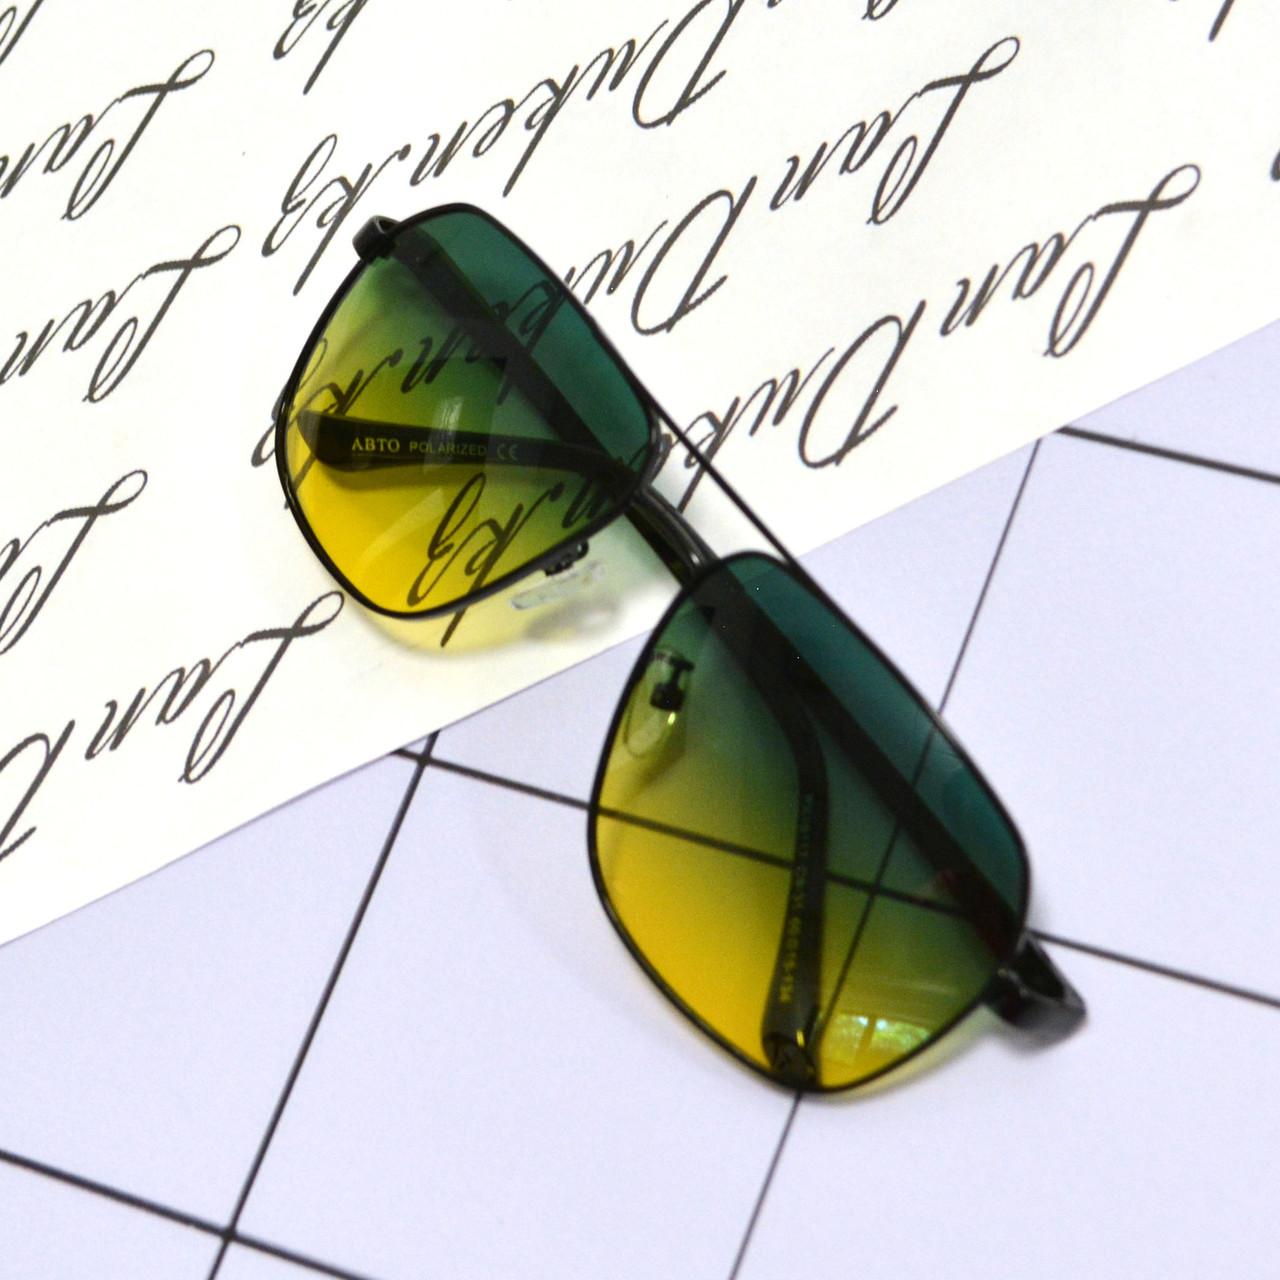 Солнцезащитные поляризационные очки ПОЛАРОИД UV400 тонкая сдвоенная оправа желто зеленые стекла АВТО PX16117 - фото 8